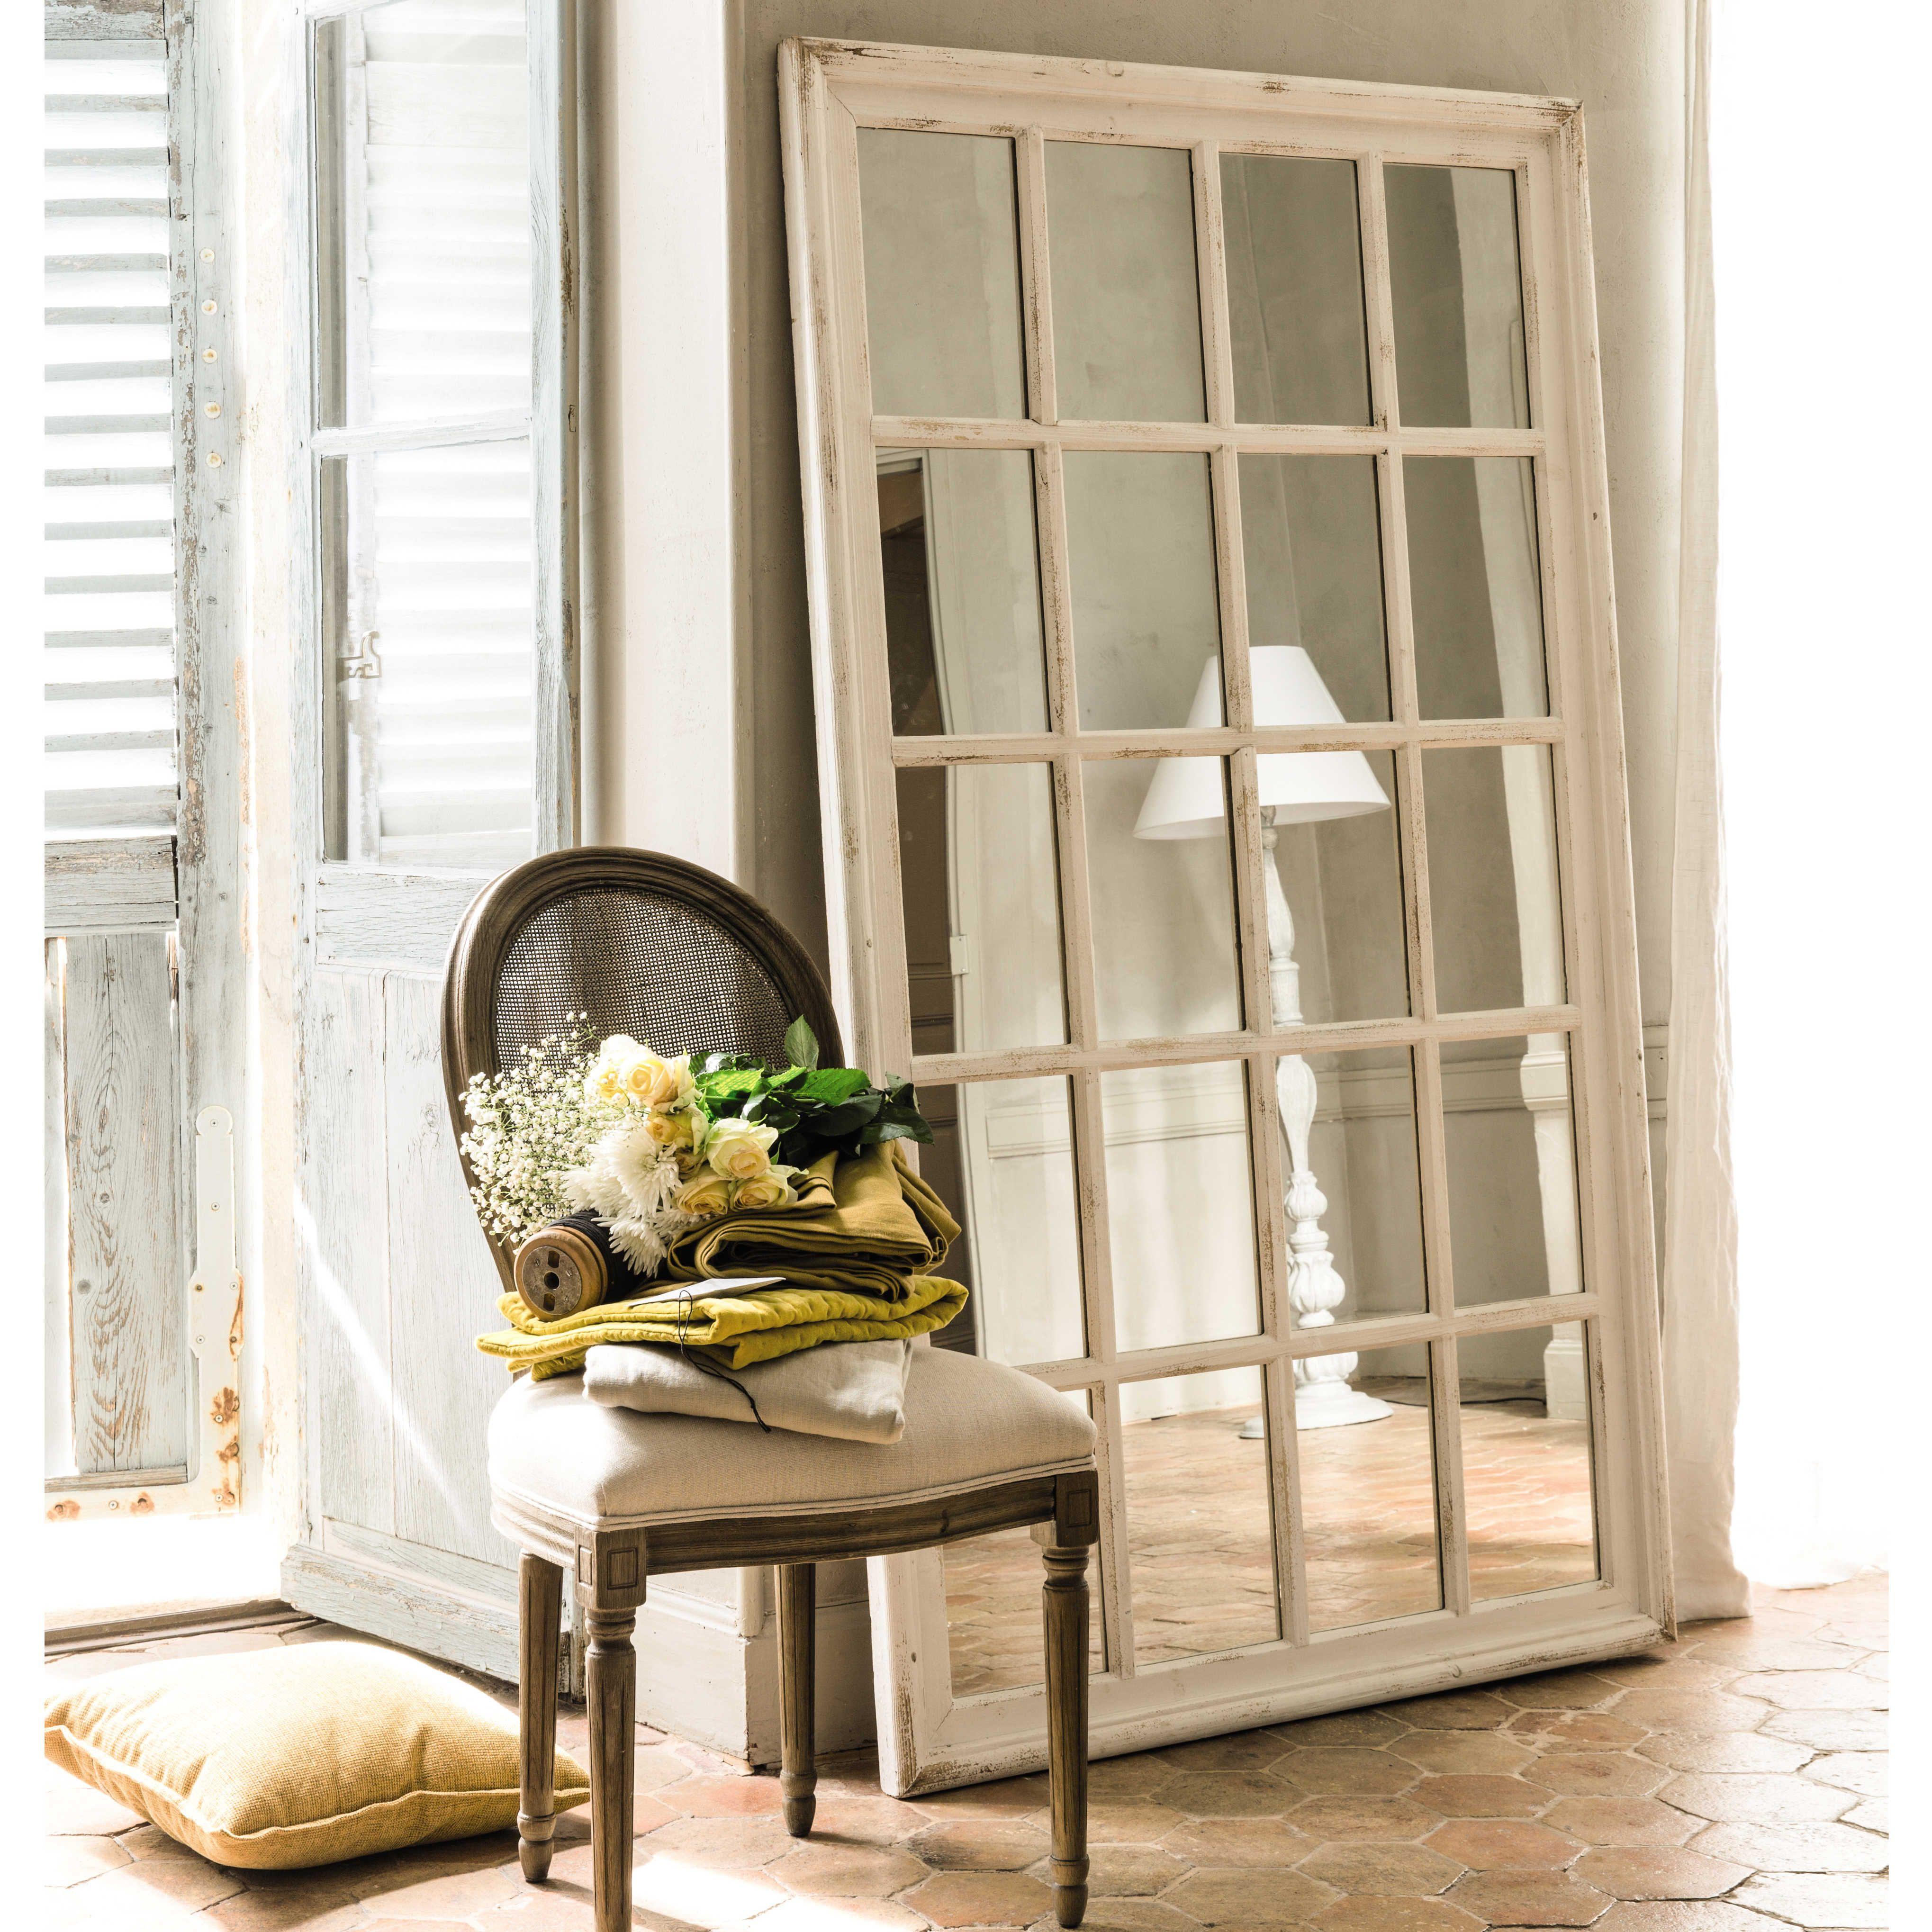 Espejo ventana con marco de madera blanca Al. 175 cm MARTIN | DIYam ...